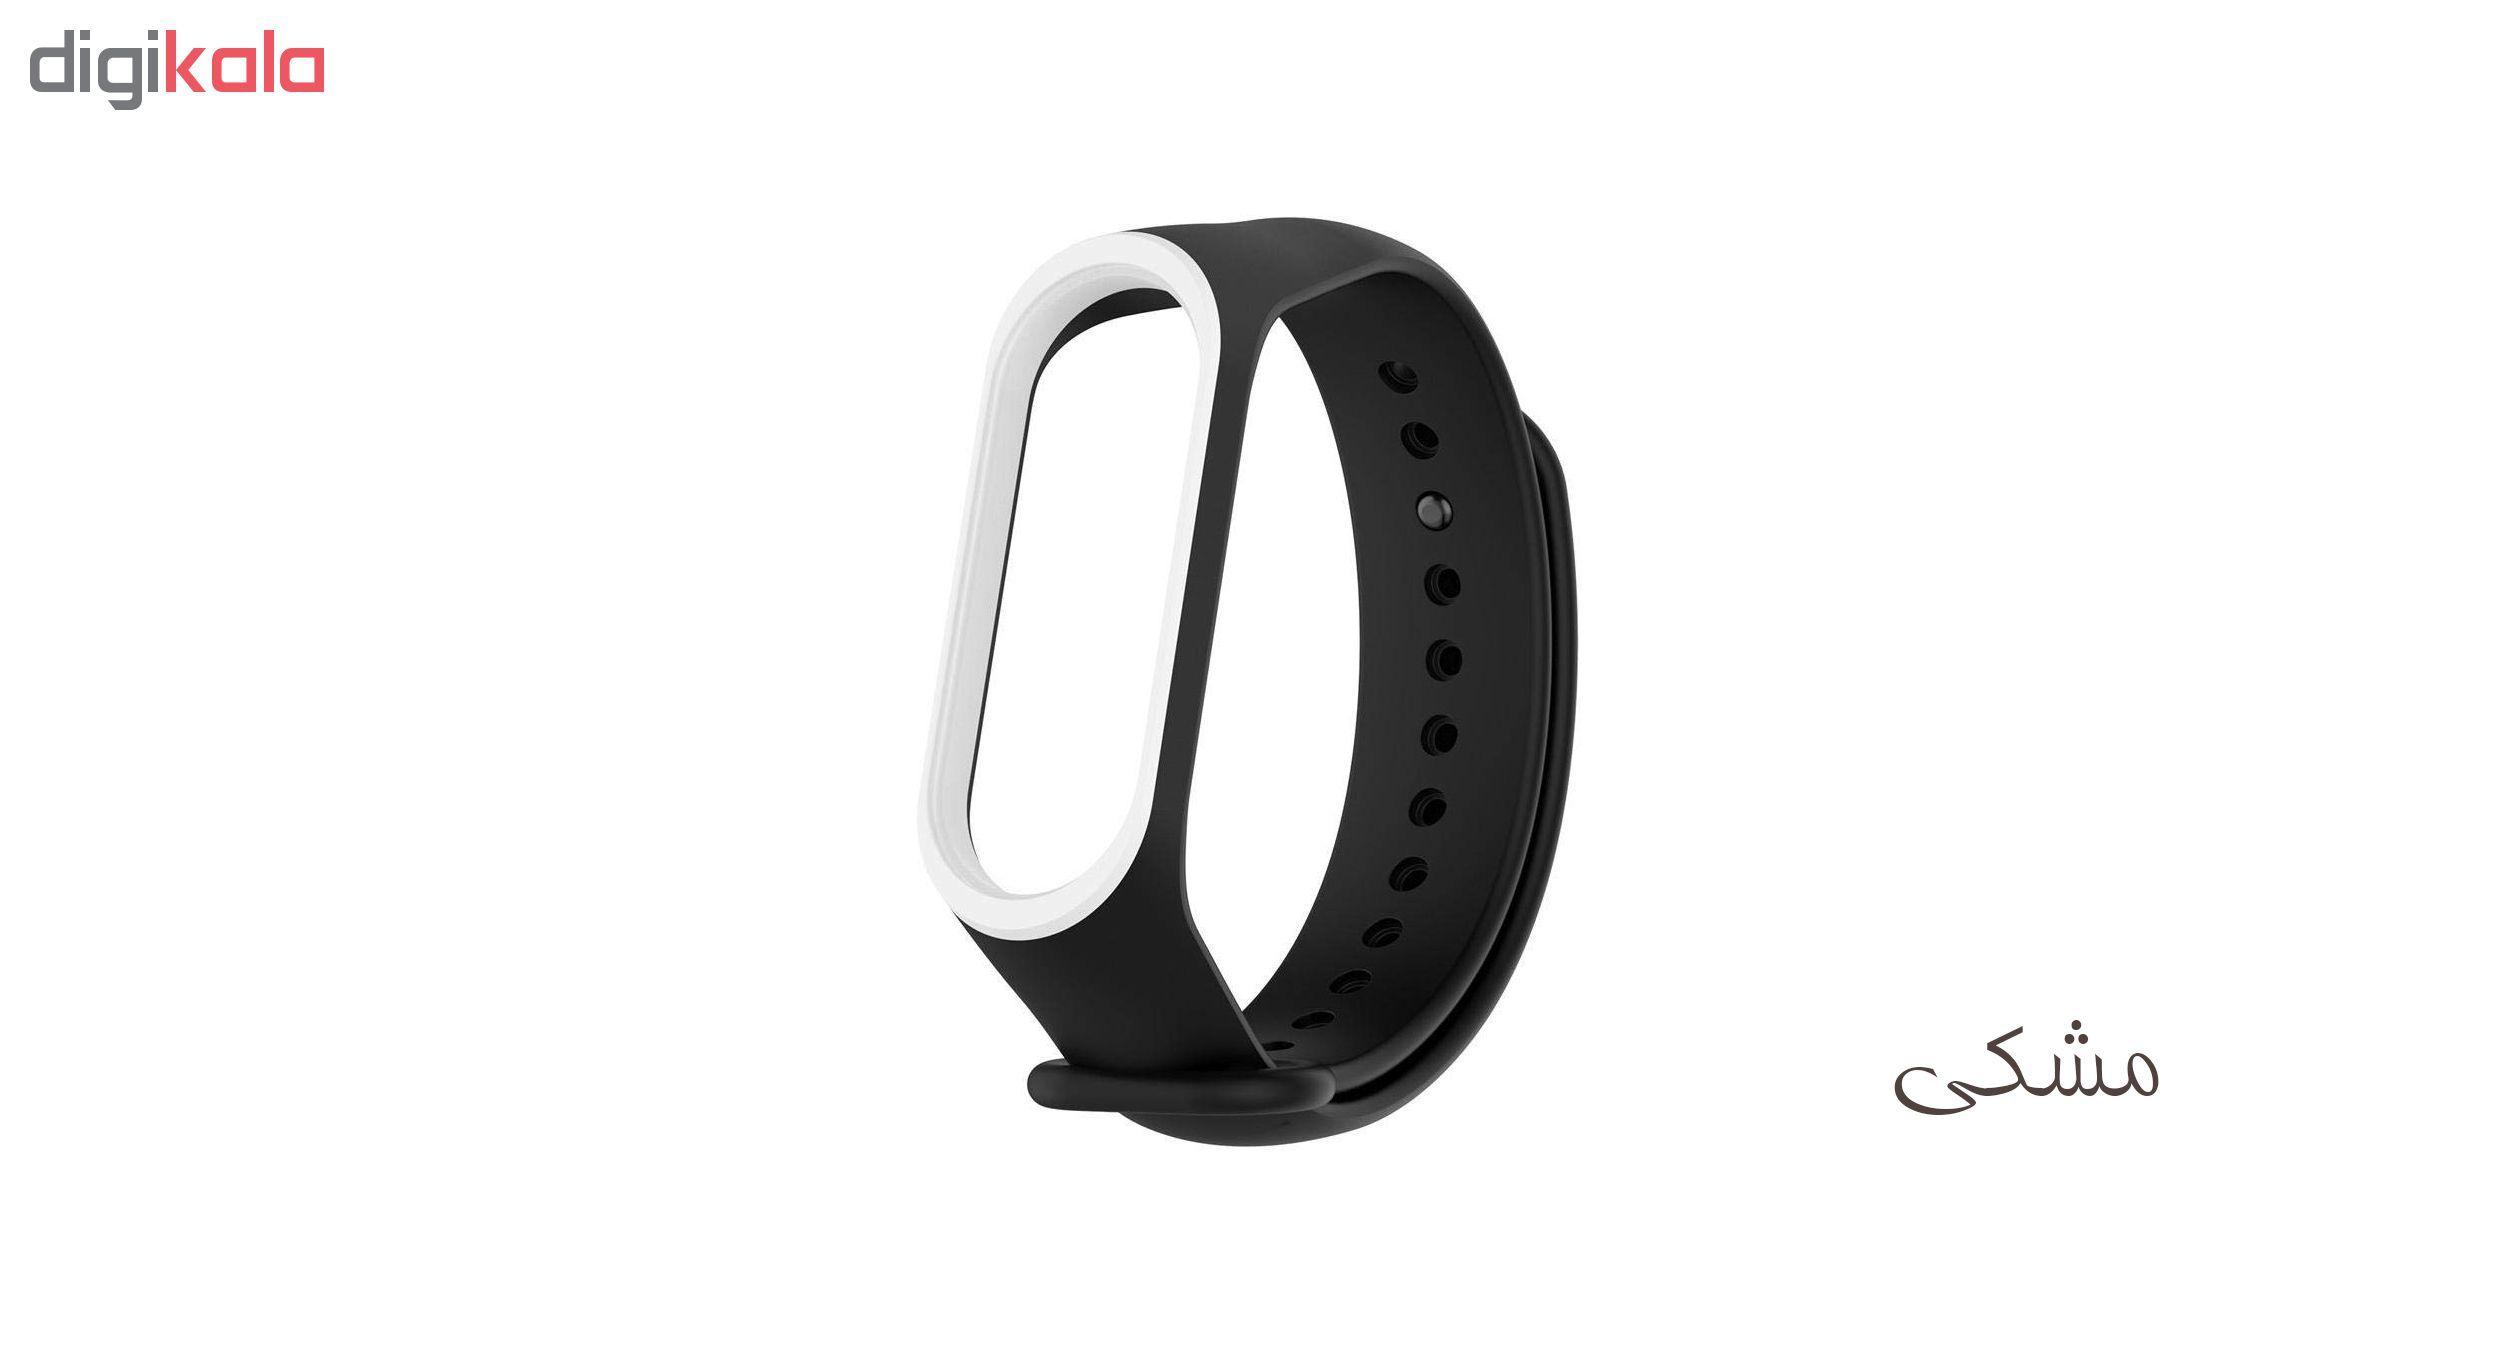 بند مچ بند هوشمند سومگ مدل SMG-S2 مناسب برای مچ بند هوشمند شیائومی Mi Band 3 و M3 main 1 2